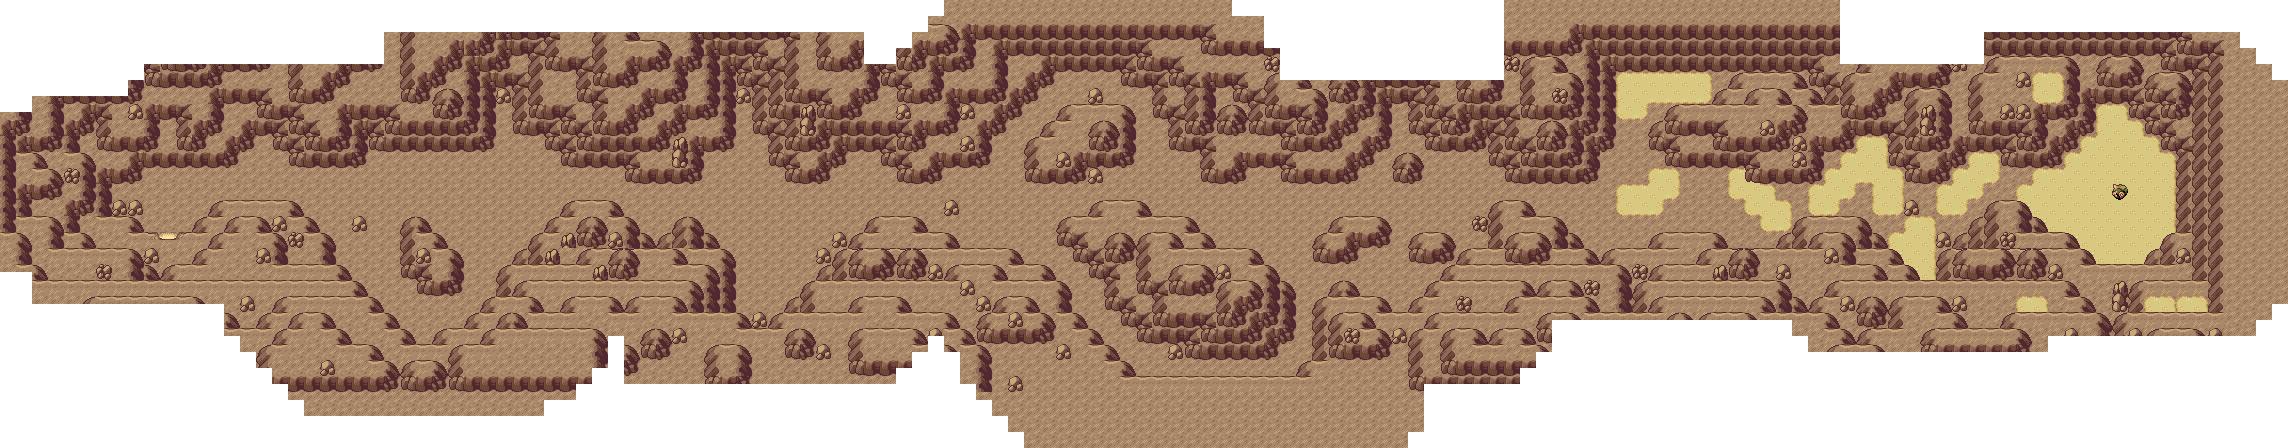 사막의 지하도